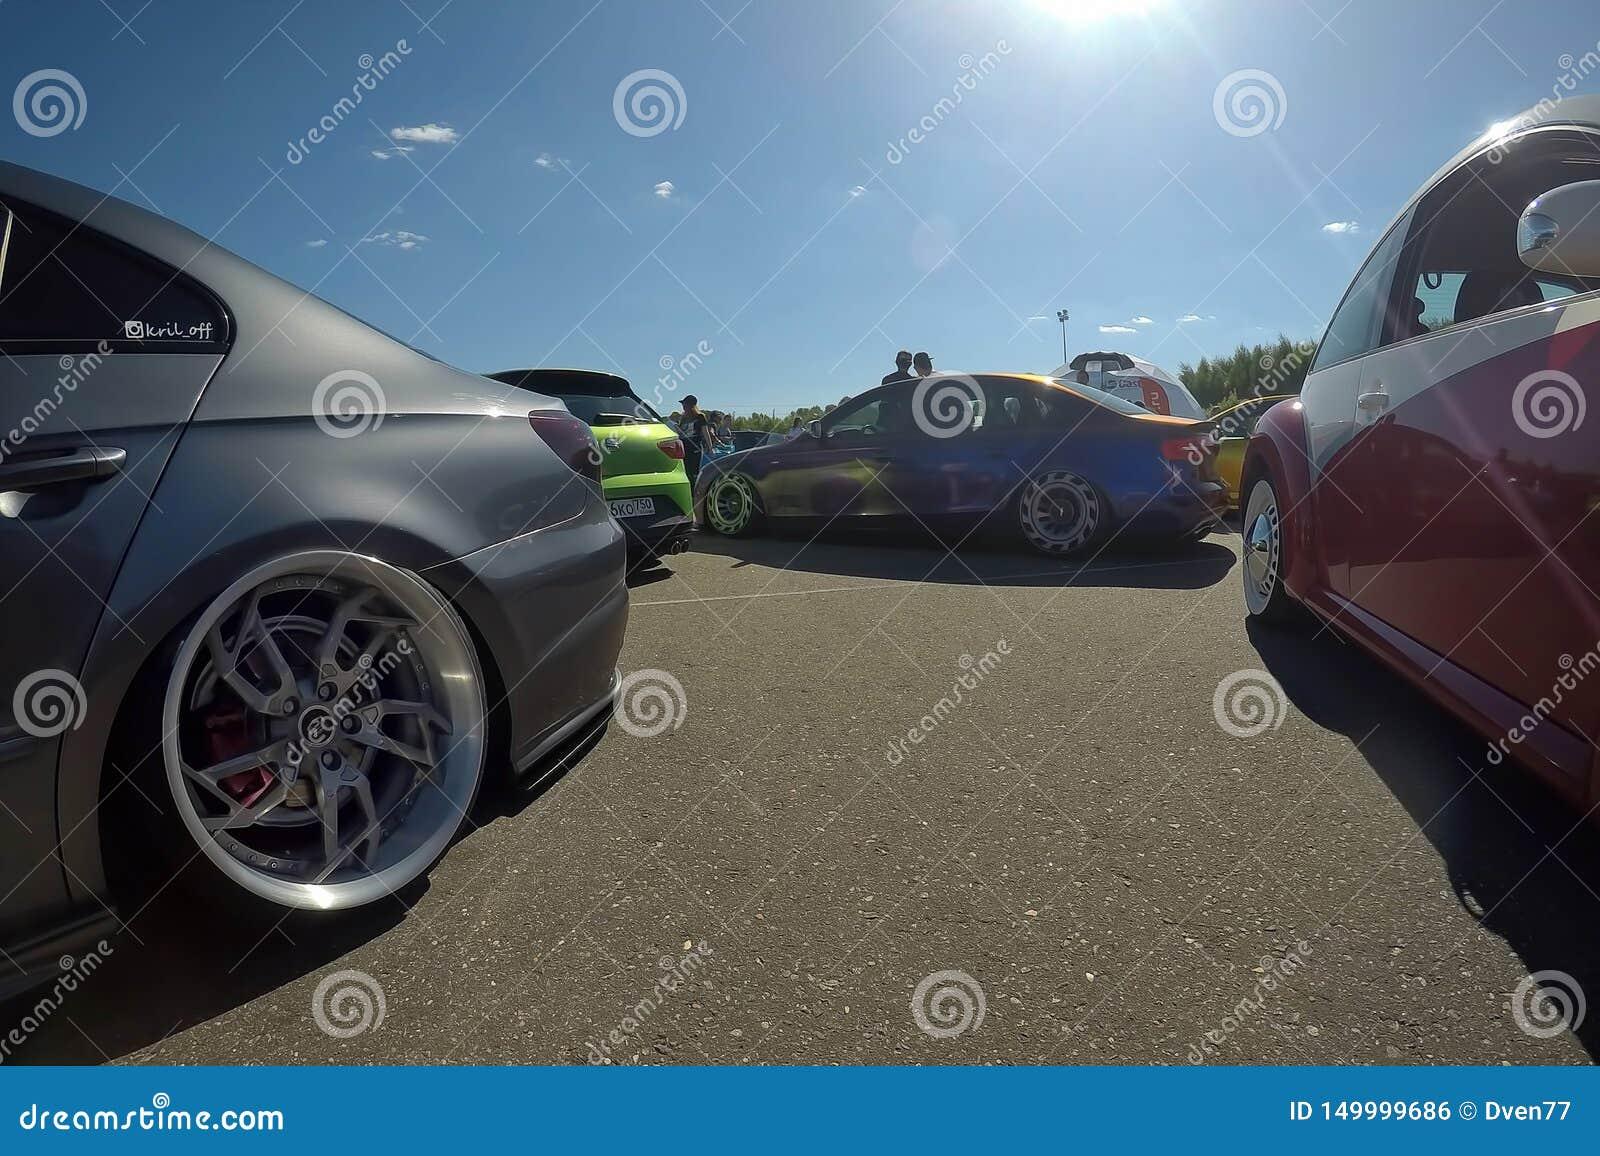 Москва, Россия - 1-ое июня 2019: Tuned понизил автомобили припаркованные на улице Volkswagen Passat на праве, audi stanced в цент